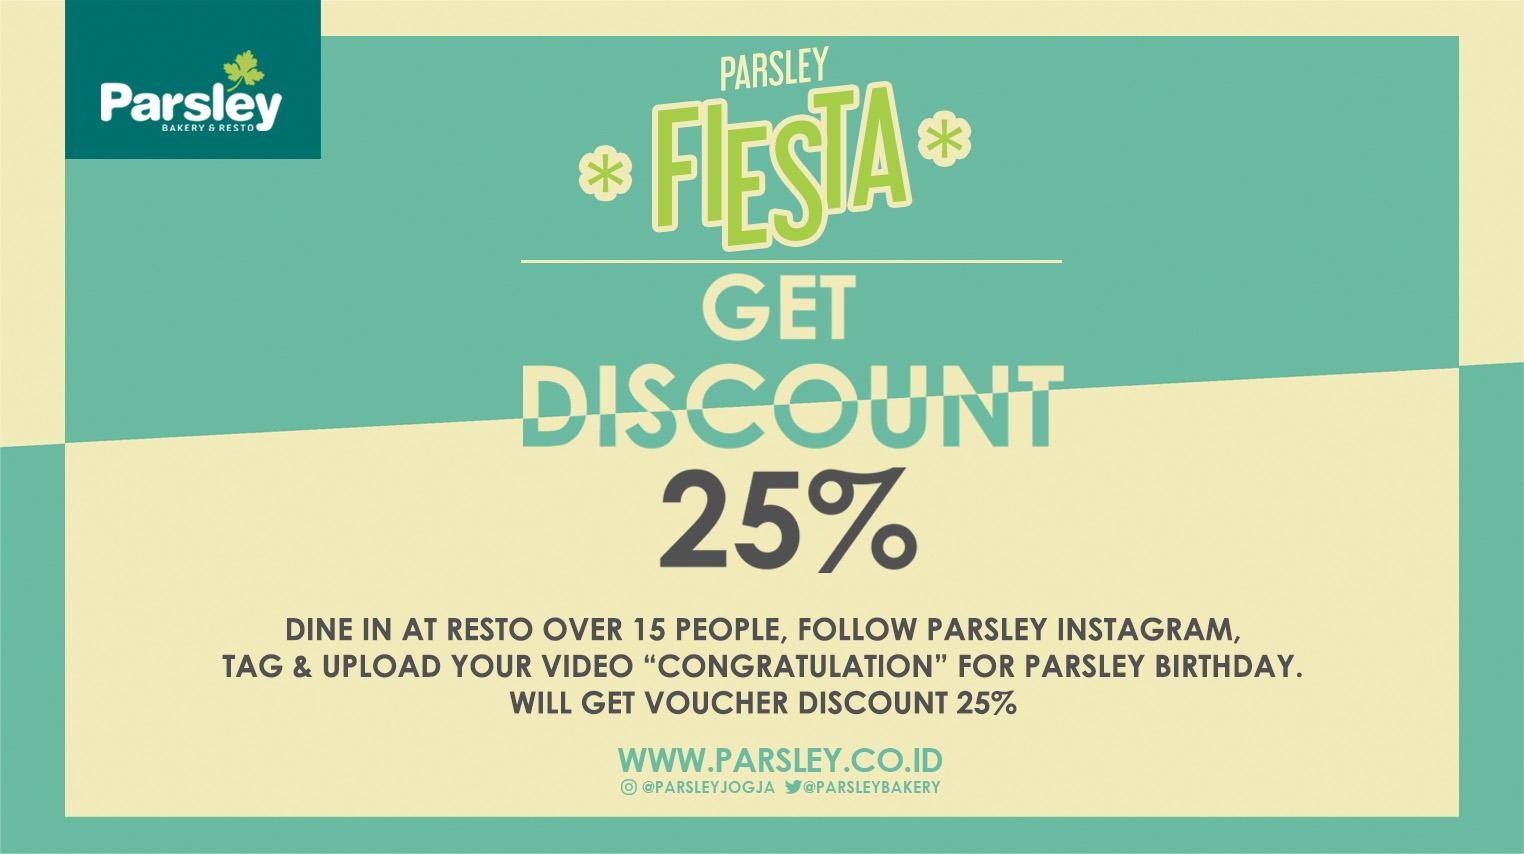 FIESTA - Get Discount 25%